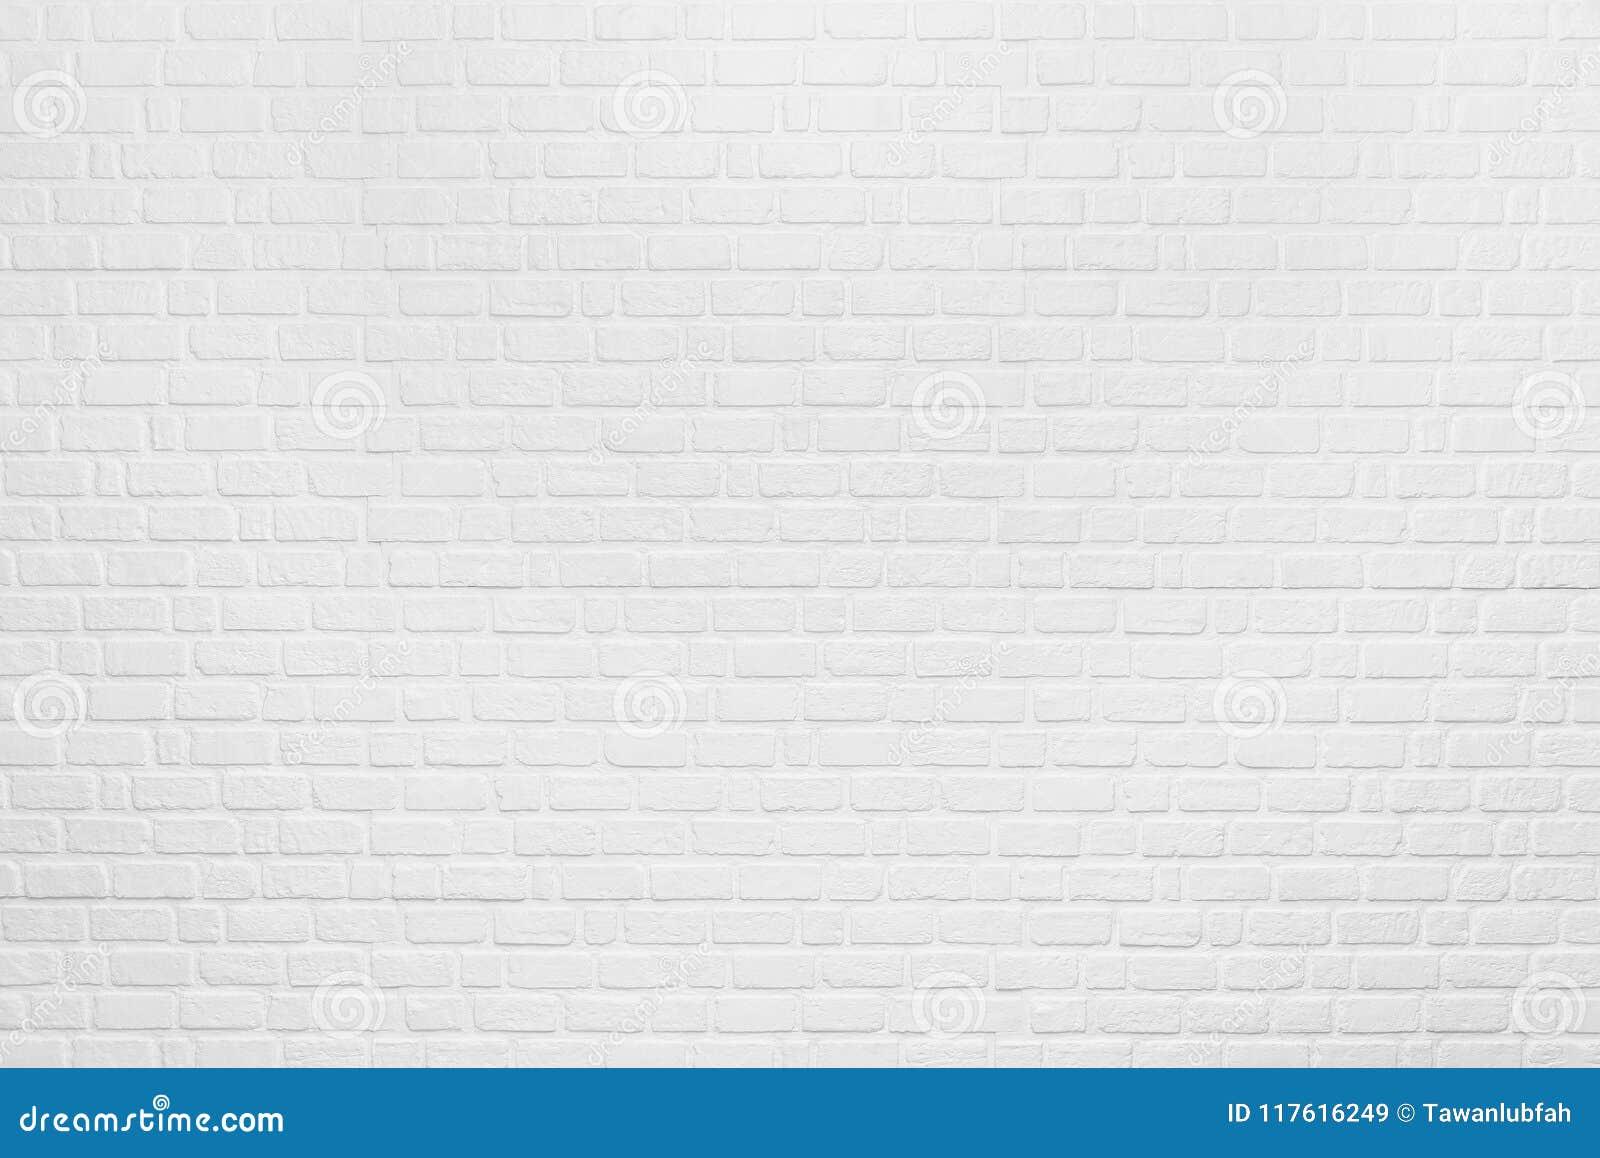 Fondo abstracto del modelo limpio blanco del ladrillo en la pared Vint